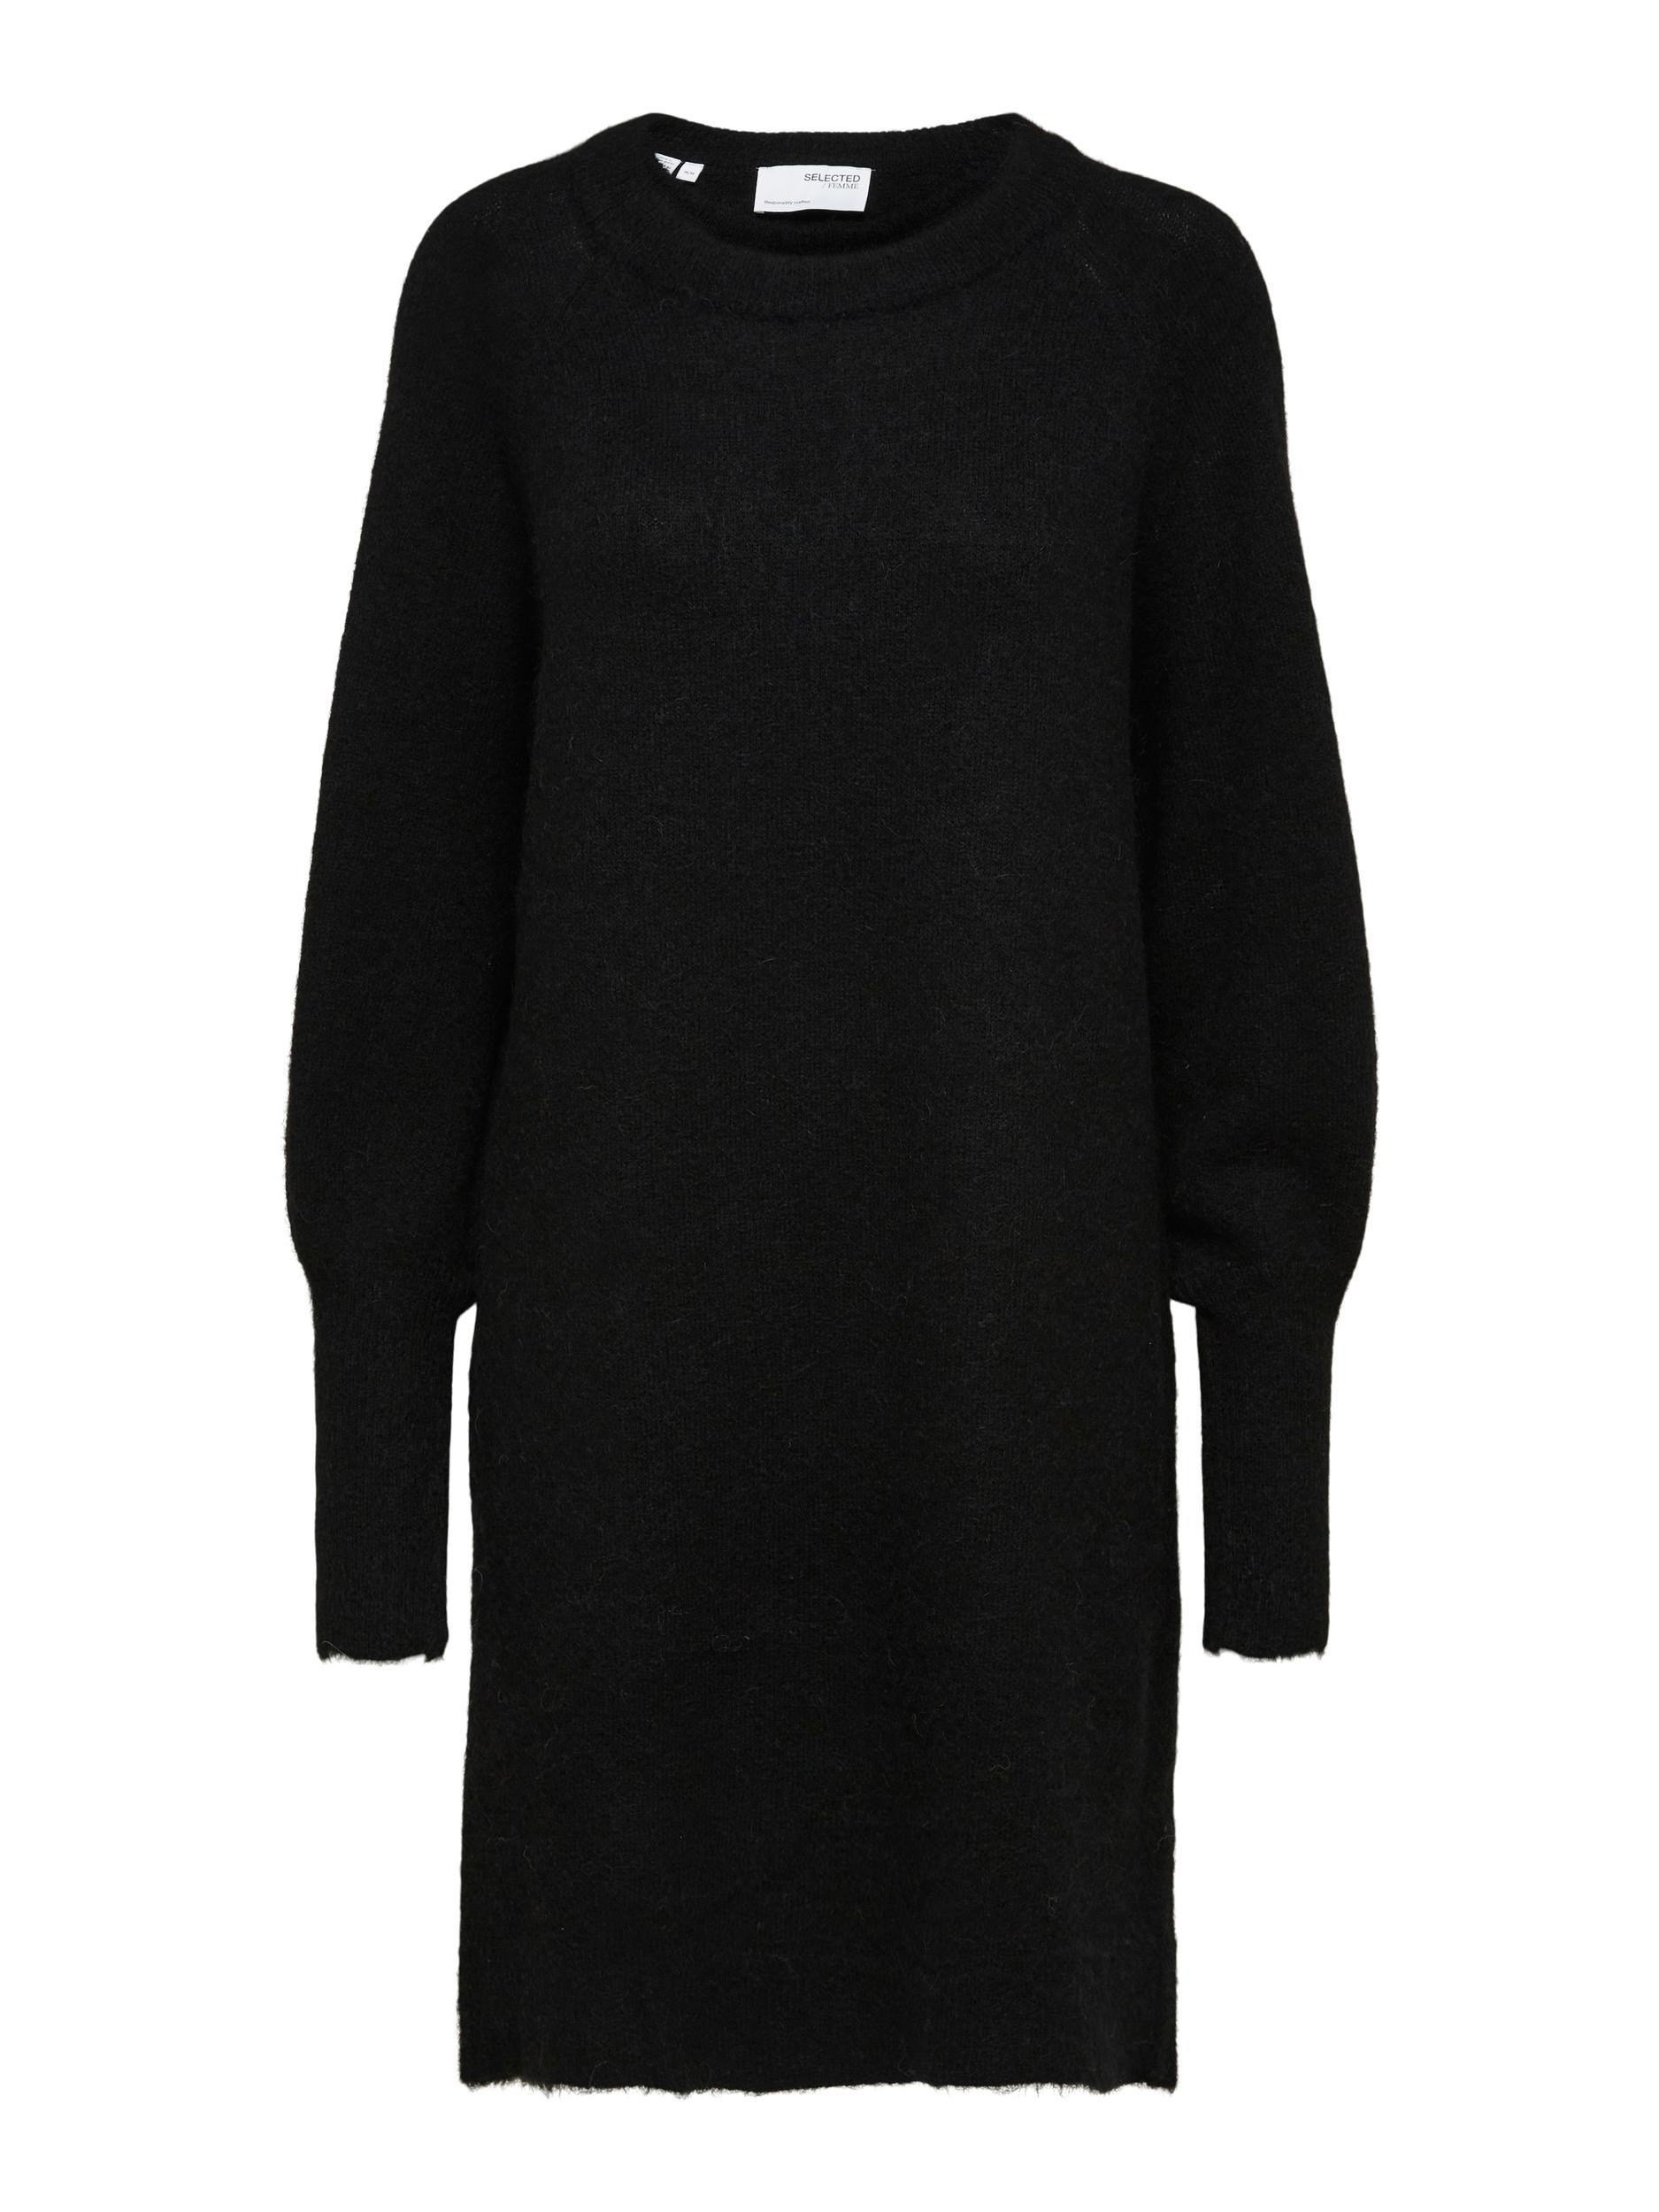 Selected Femme Lulu LS strikkjole, black, x-large